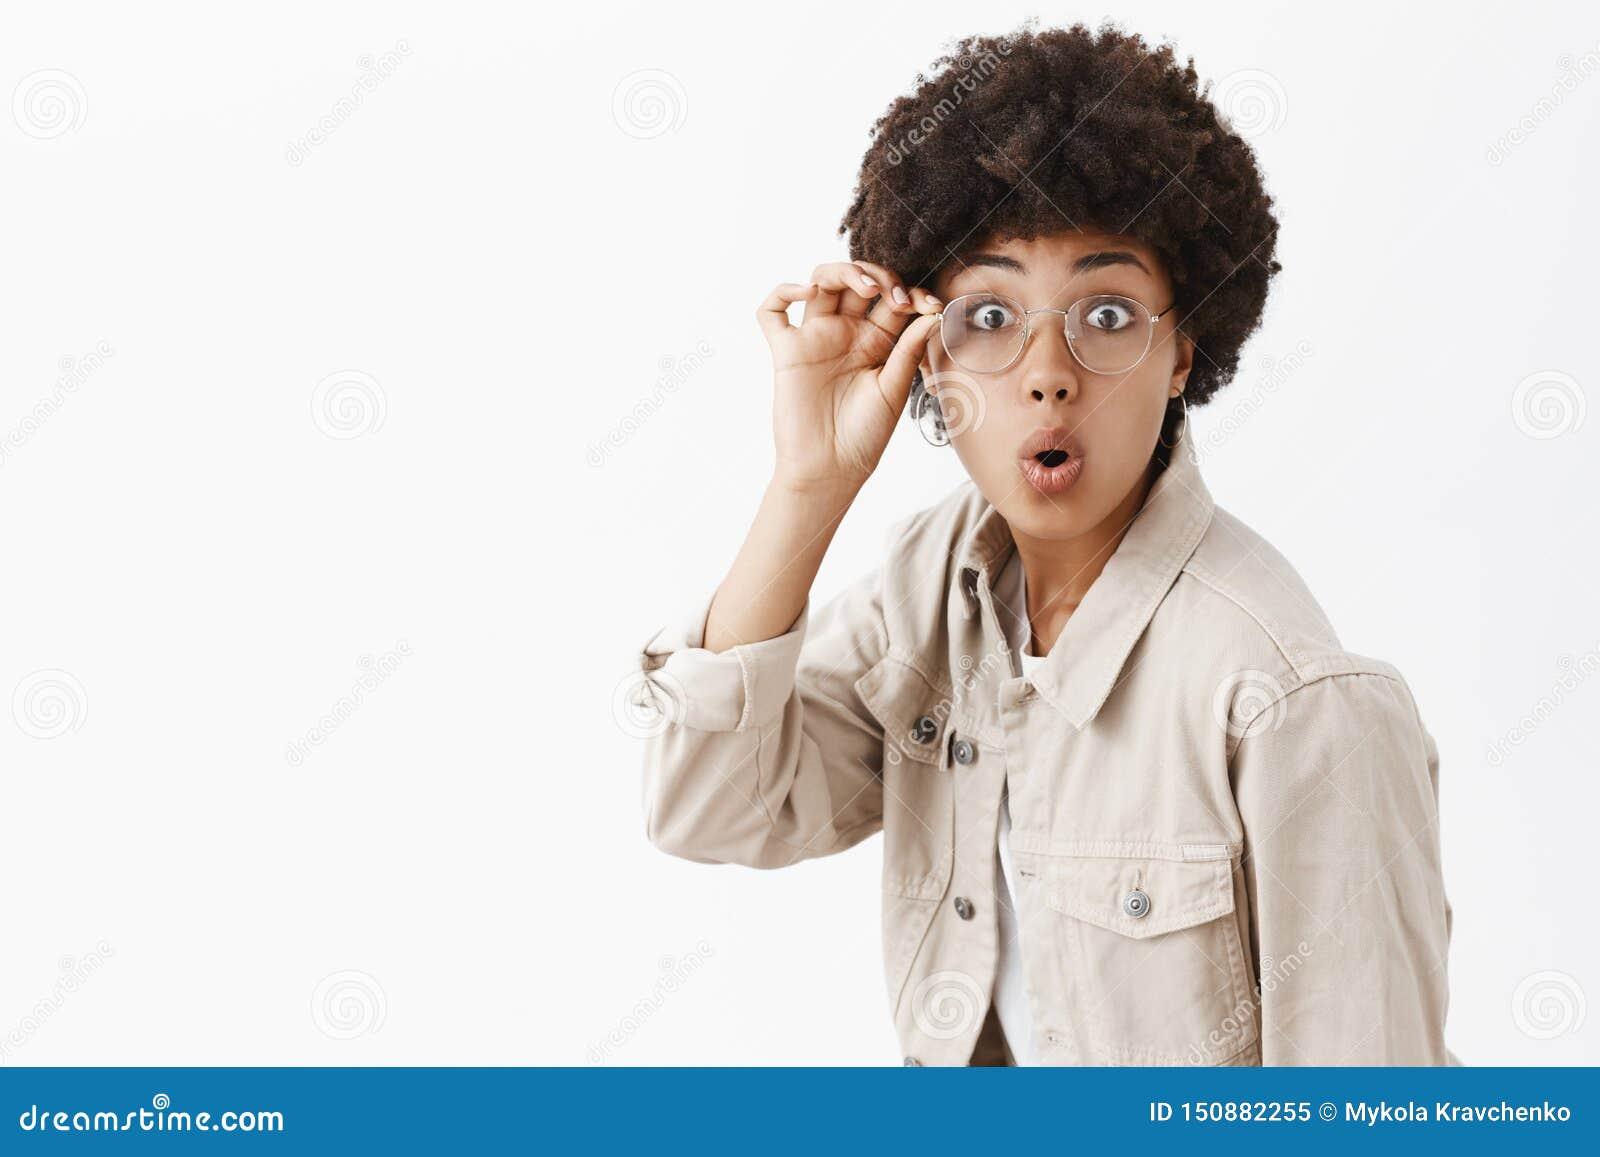 Wow, νέο μυστήριο που λύνει Όμορφος θηλυκός αφροαμερικάνος geek στα γυαλιά και το μπεζ πουκάμισο, σχετικά με το πλαίσιο eyewear